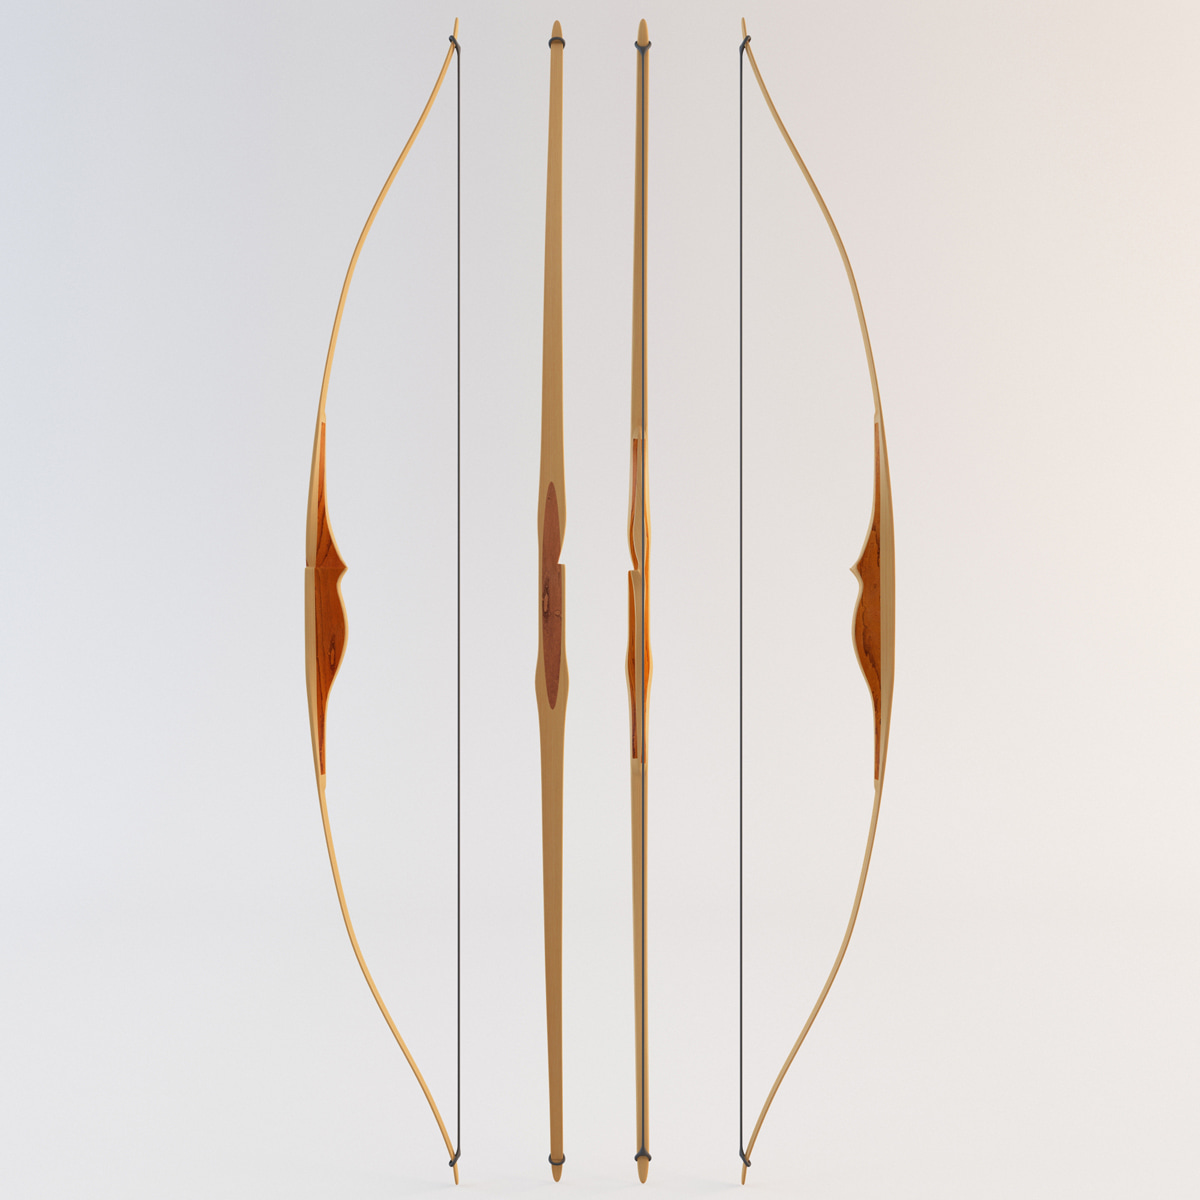 longbow weapon 3d model